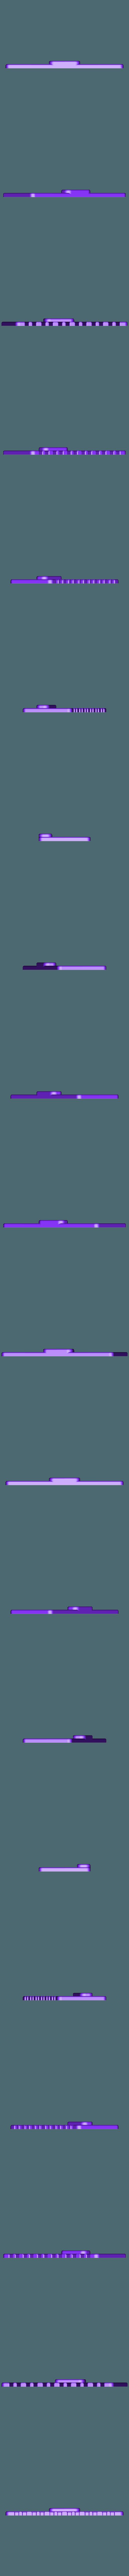 Holder.STL Download STL file Apple Watch Bandholder • 3D printer object, MrCrankyface